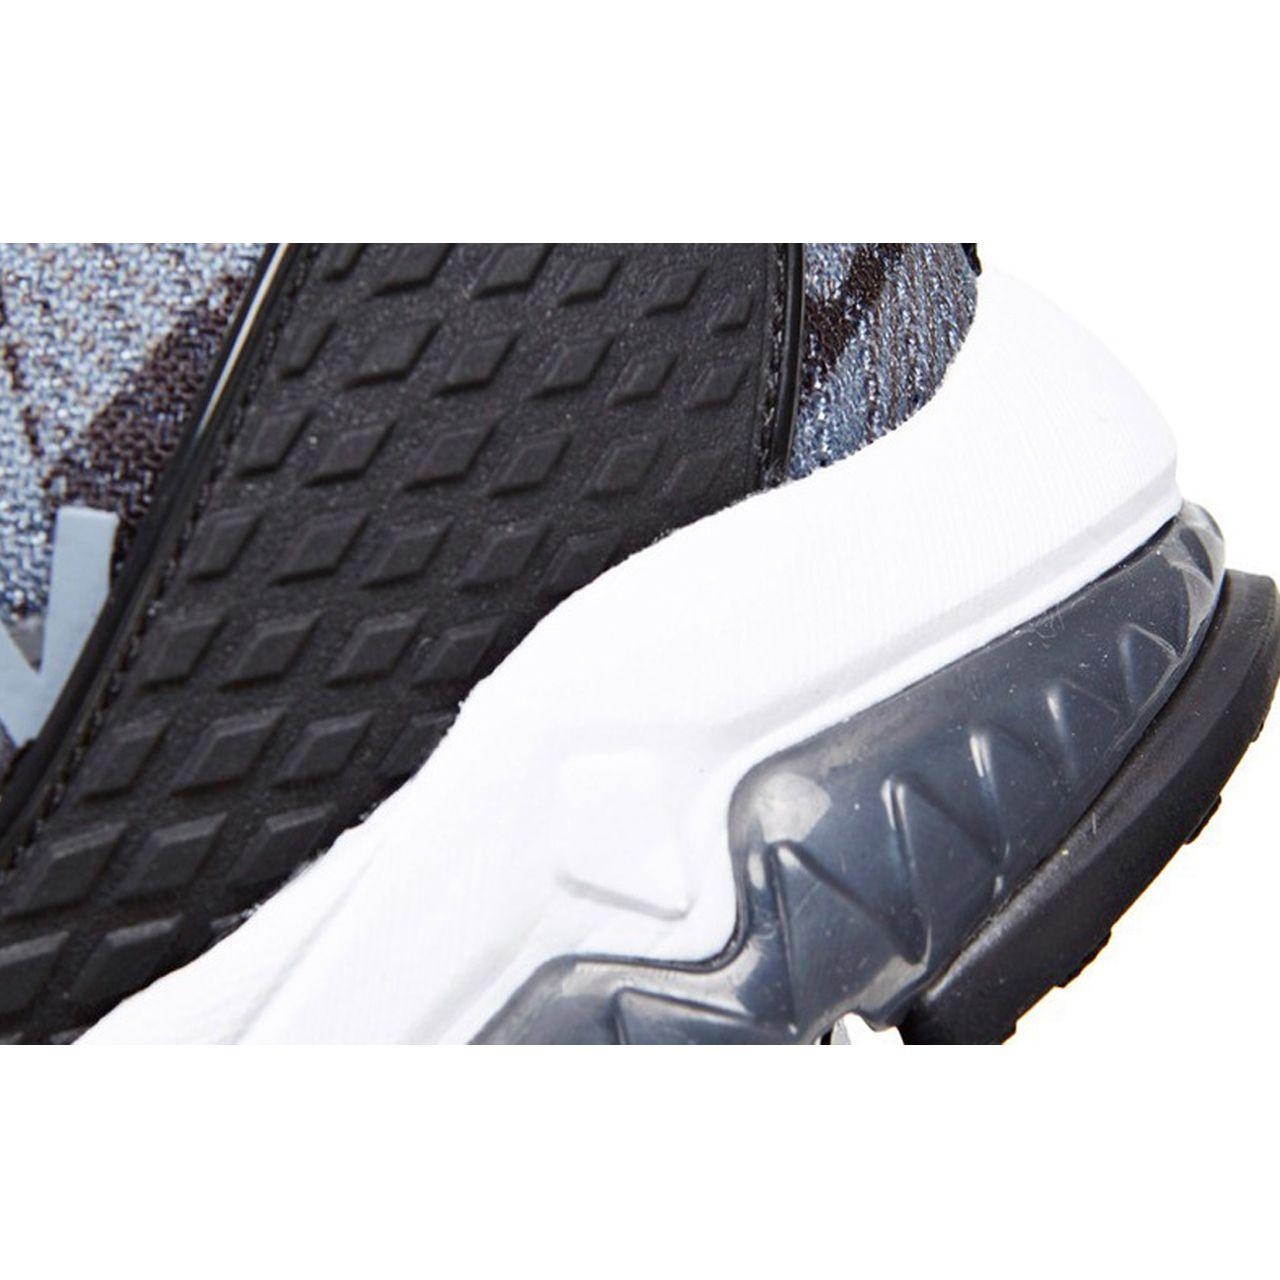 کفش طبیعت گردی زنانه 361 درجه مدل 581833318 -  - 3